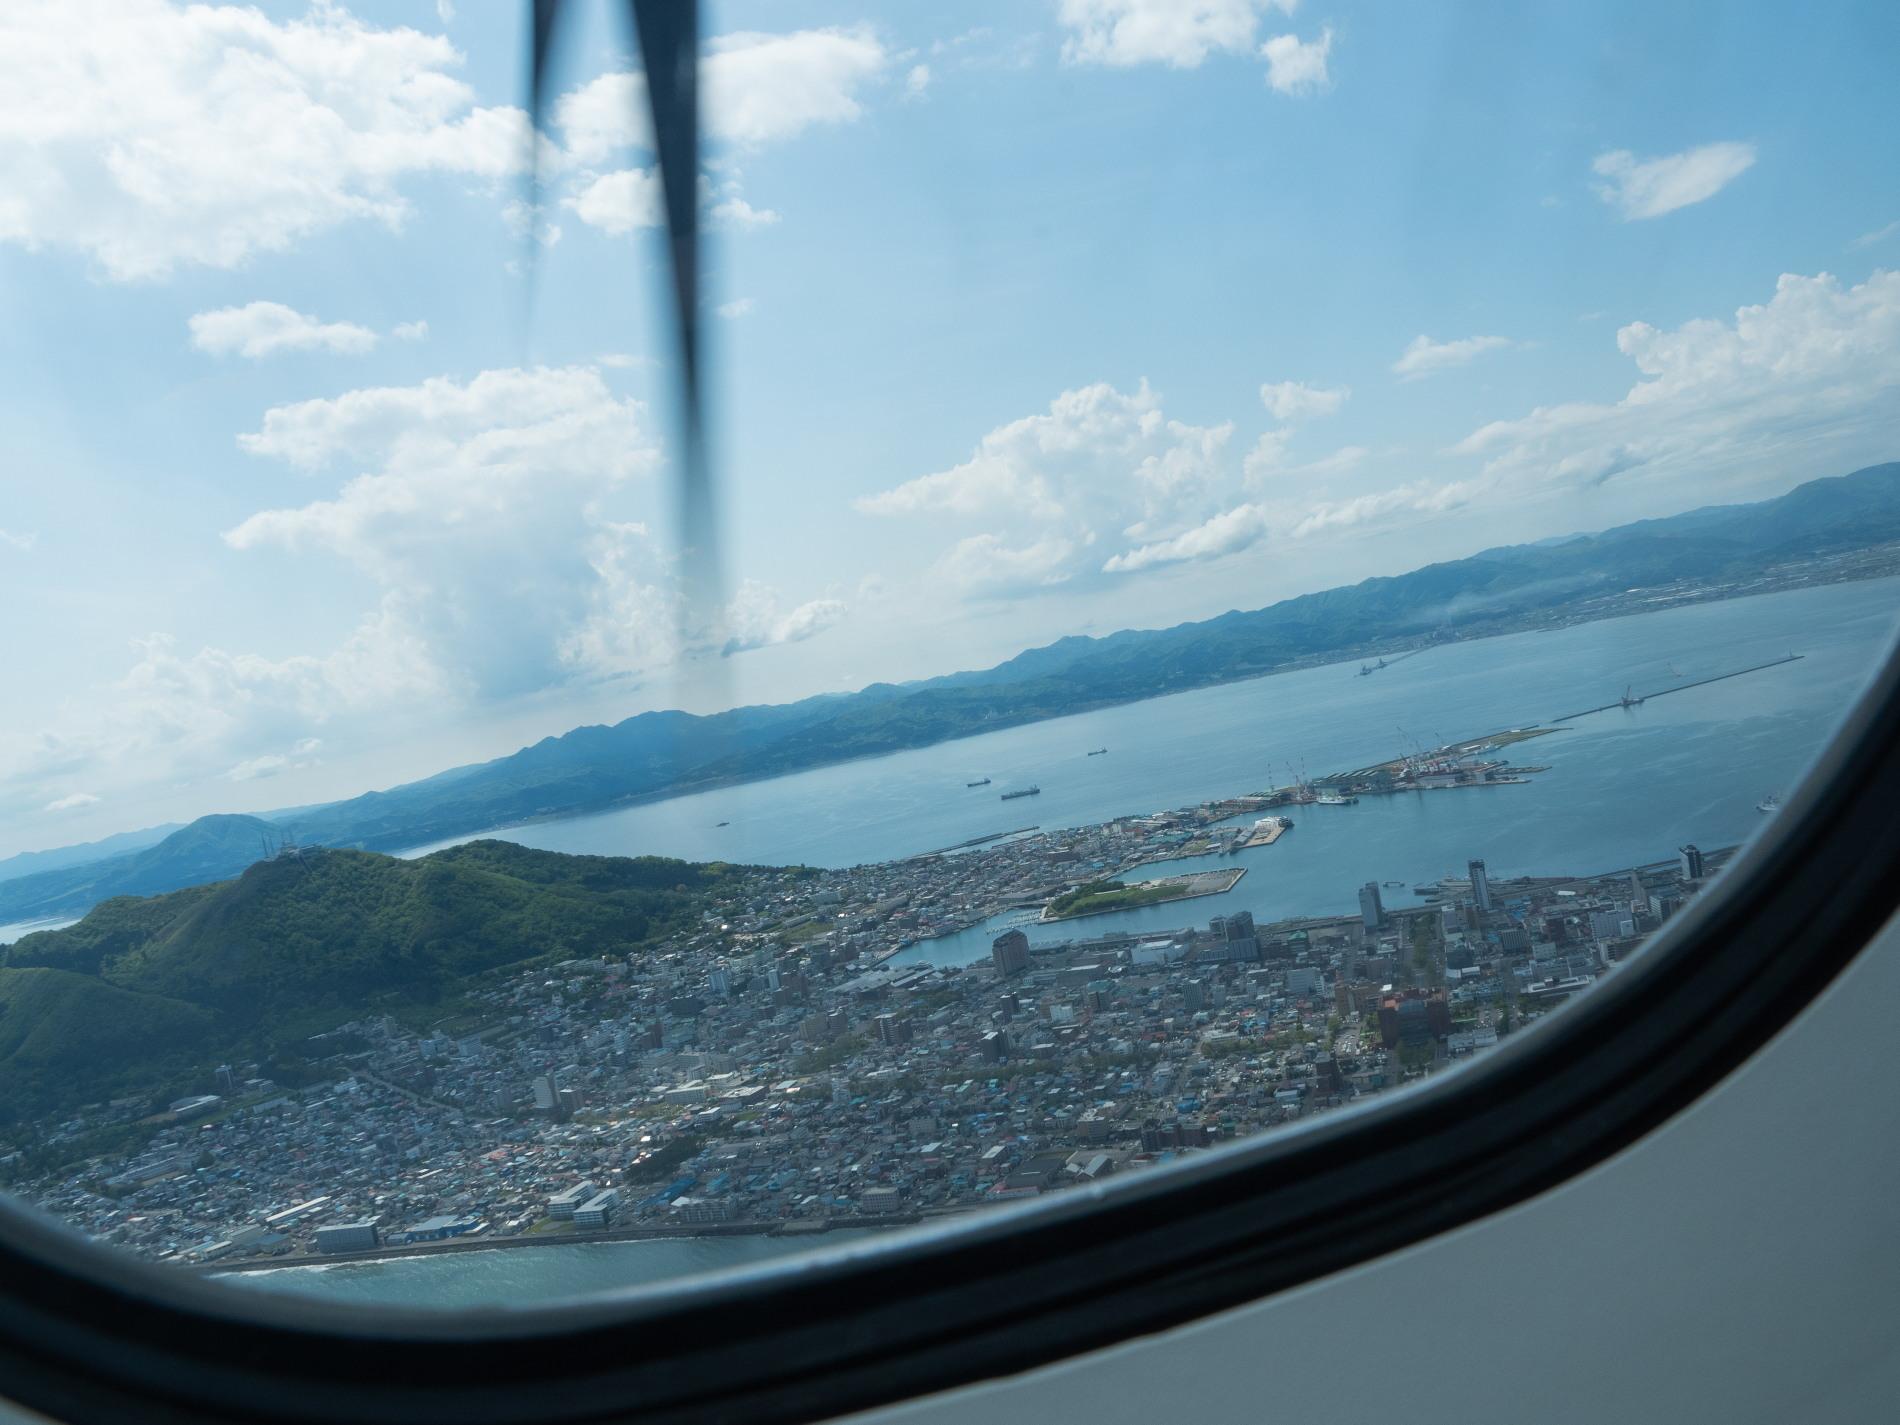 北海道エアシステムの新機材ATR42に乗って・・函館へ(1)_f0276498_13130521.jpg